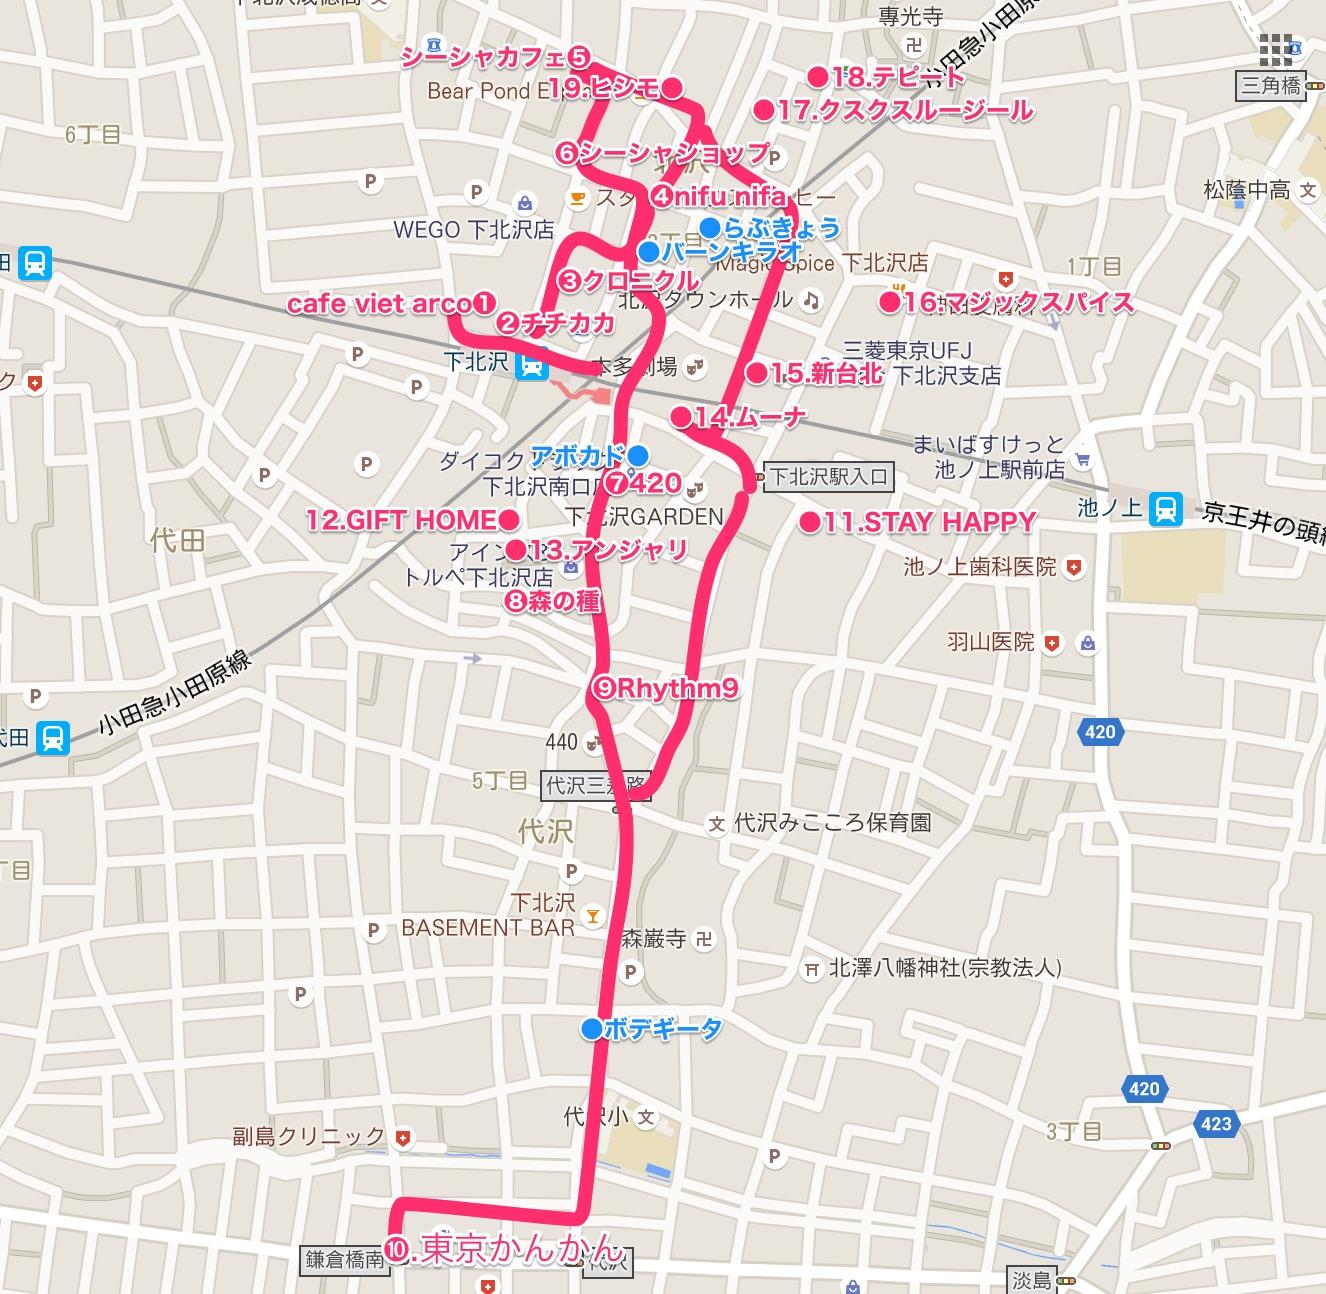 下北沢マップ